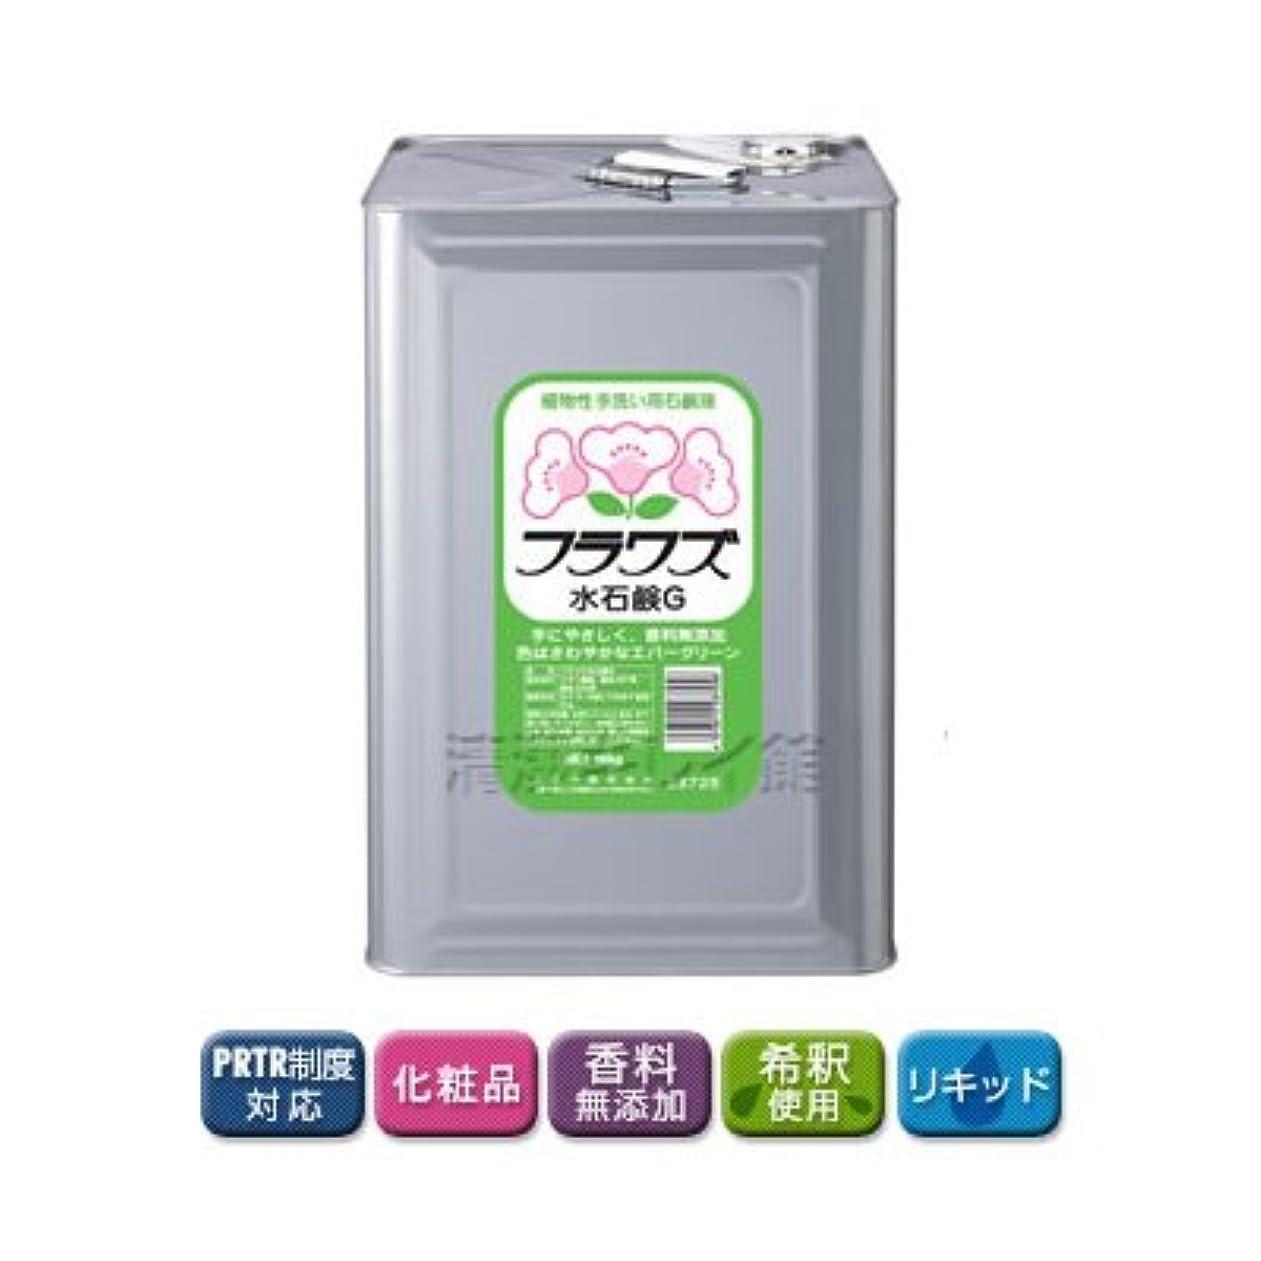 運ぶヒゲ改修する【清潔キレイ館】サラヤ フラワズ水石鹸液G(18L)